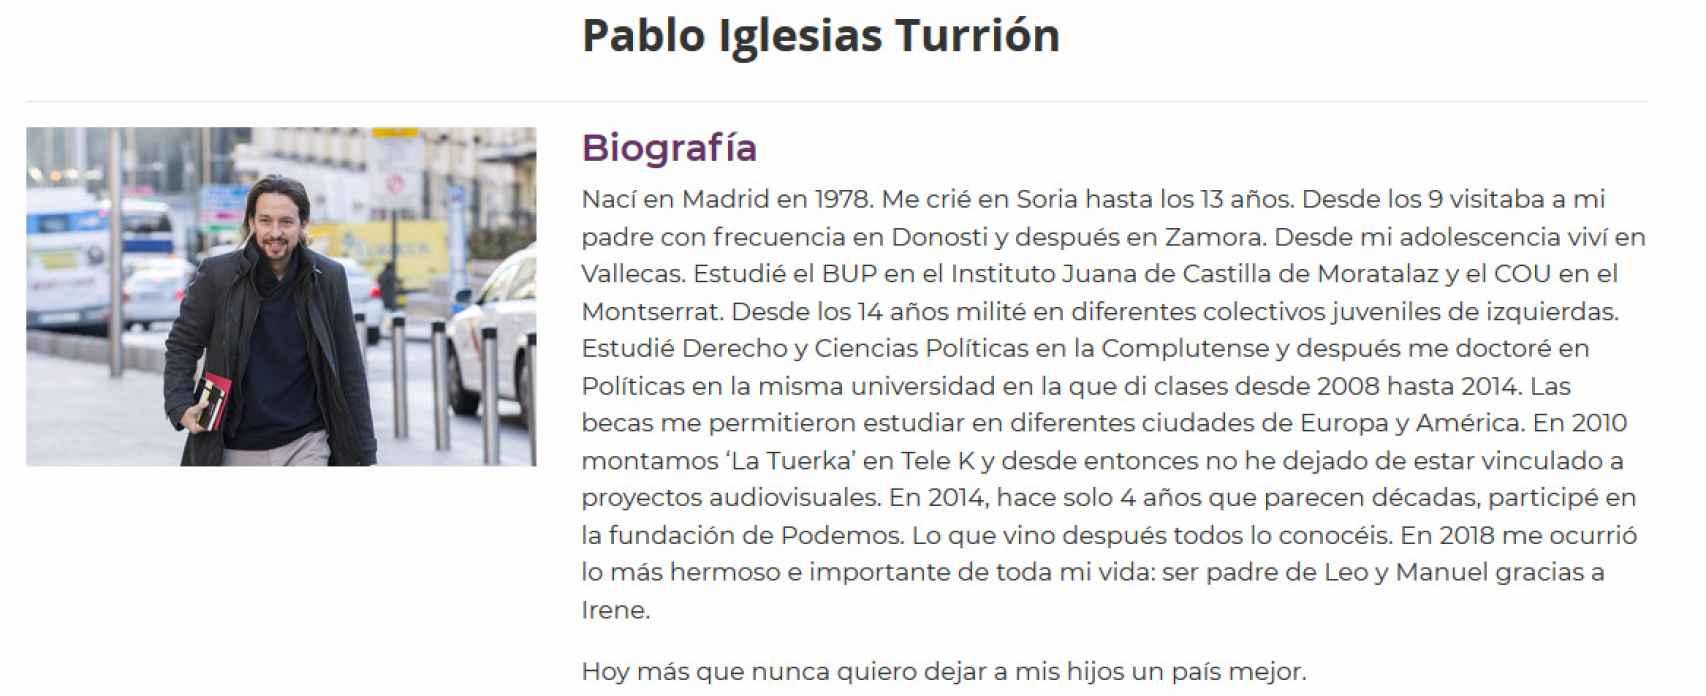 Biografía de Pablo Iglesias en la web oficial de Podemos. Admite haber estudiado el COU en el centro concertado Montserrat Fuhem.